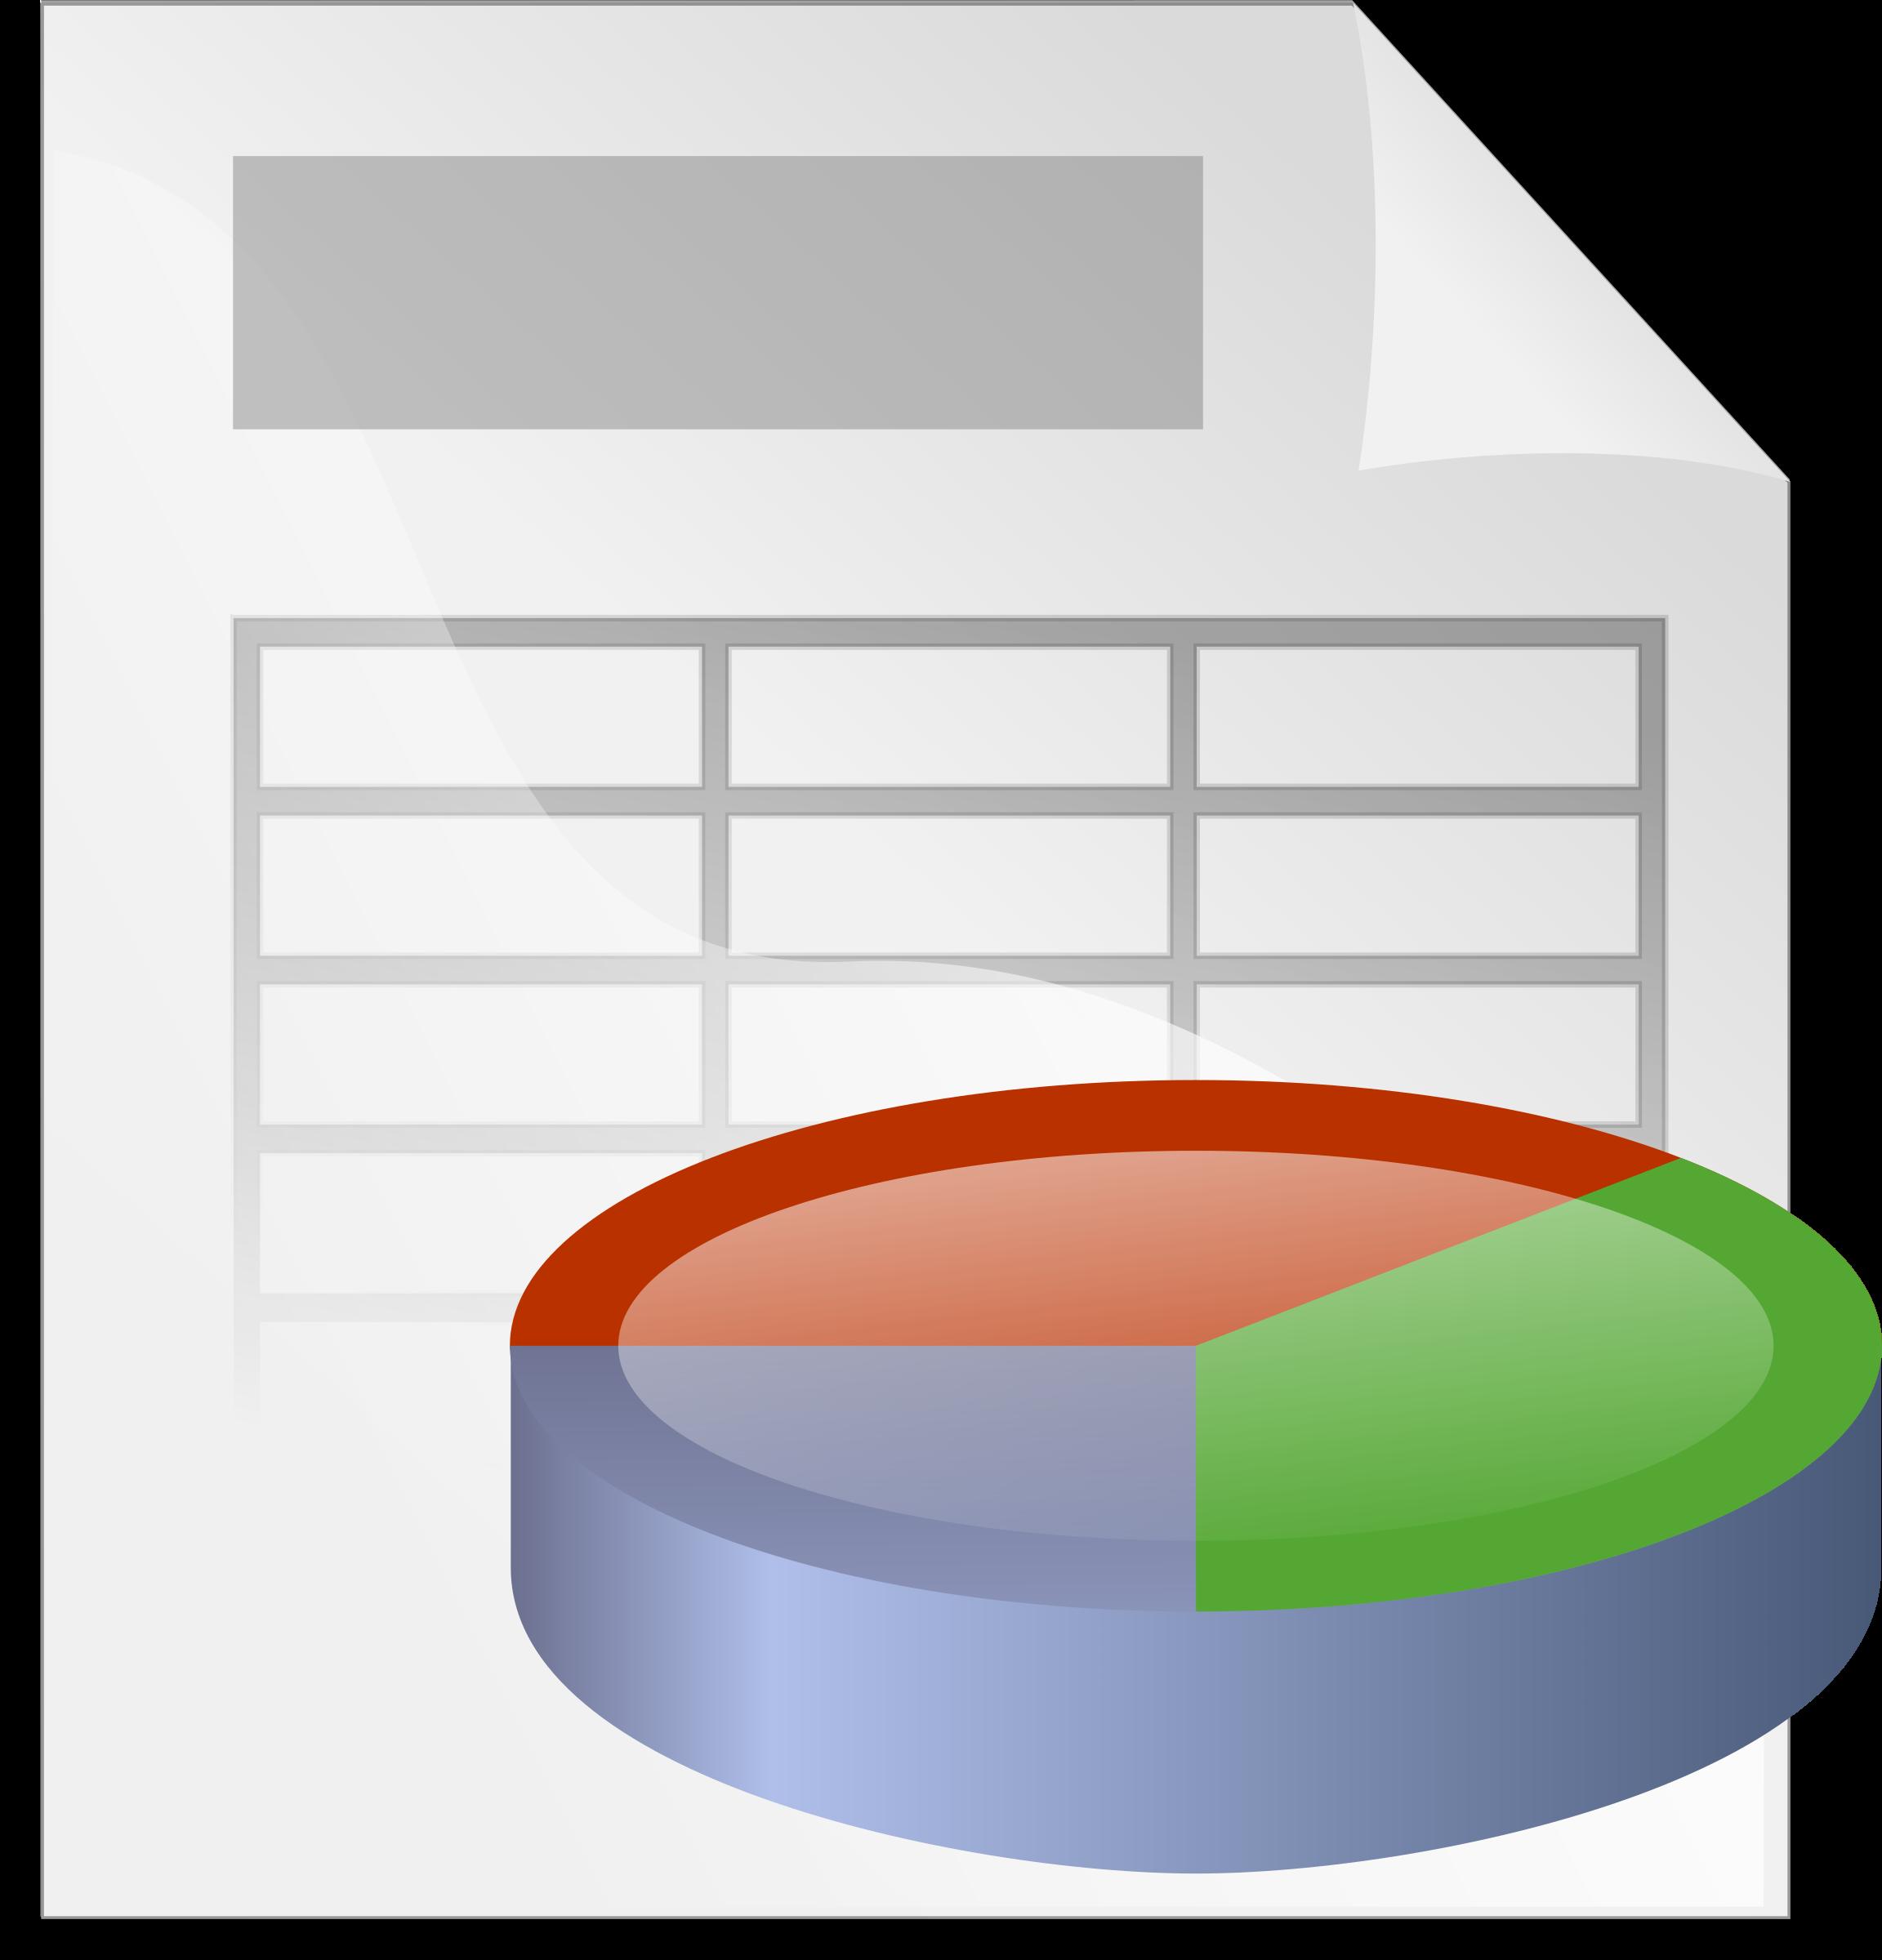 Sample Spreadsheet Clip Art.